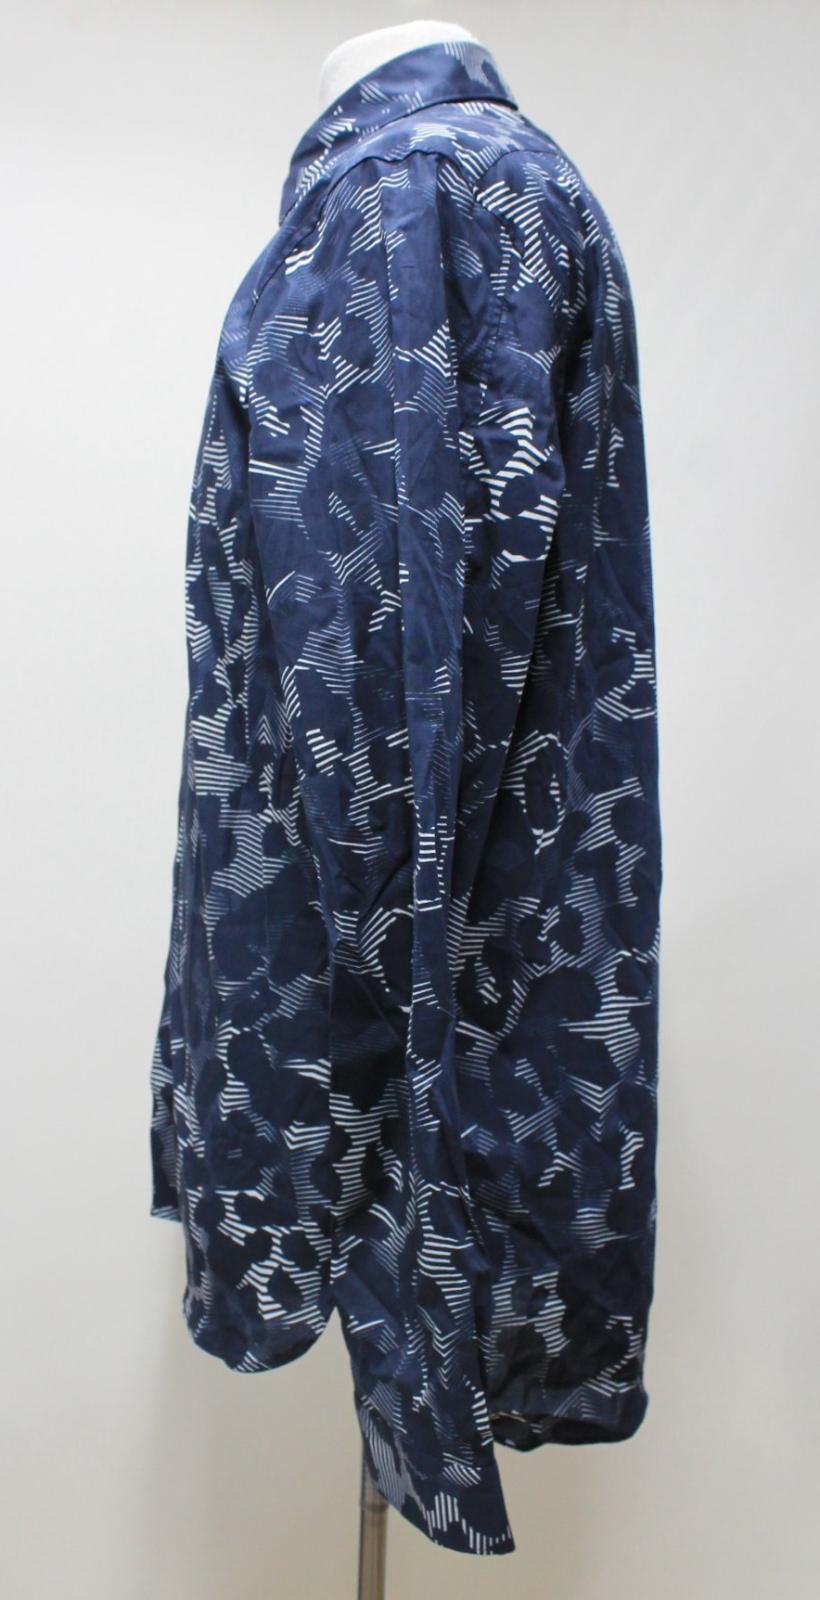 Neil-Barrett-Para-Hombre-Calce-Cenido-Estampado-Abstracto-Algodon-Azul-Con-Cuello-Camisa-16-5-034 miniatura 6